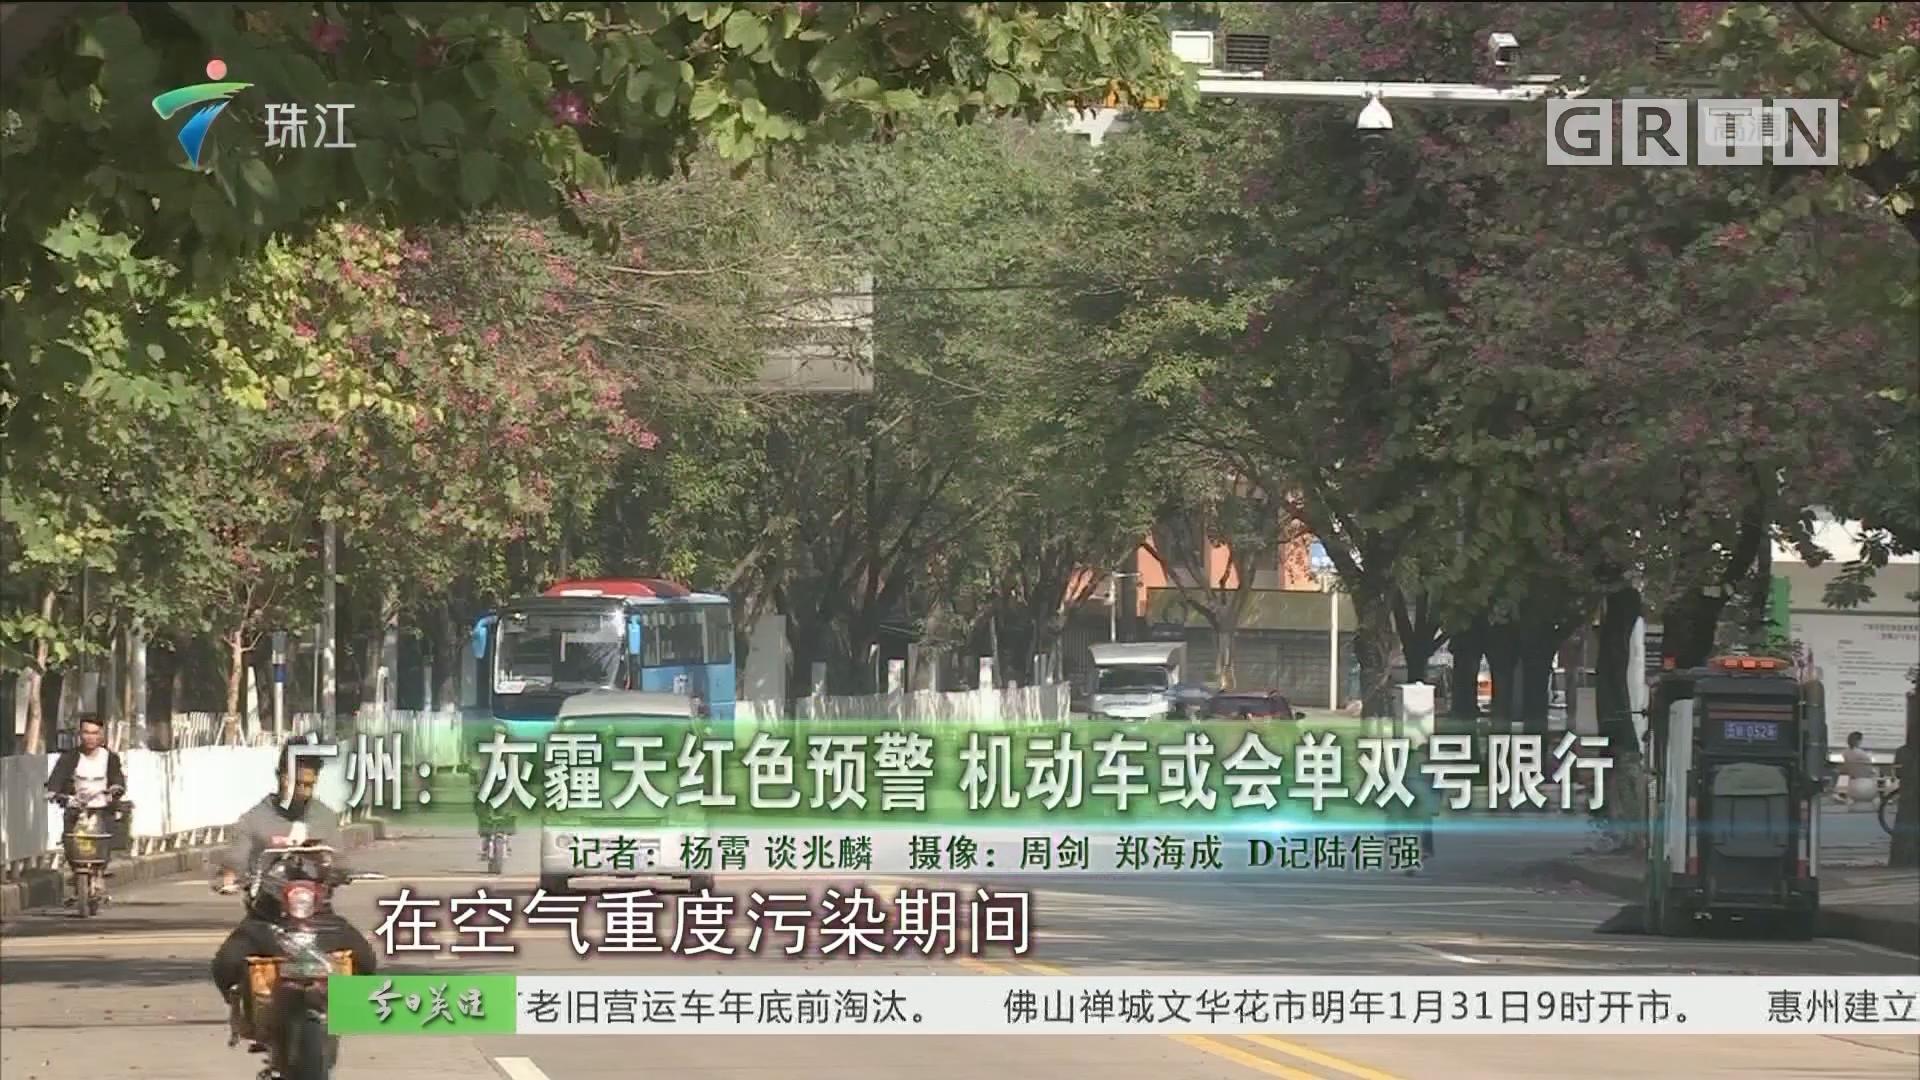 广州:灰霾天红色预警 机动车或会单双号限行